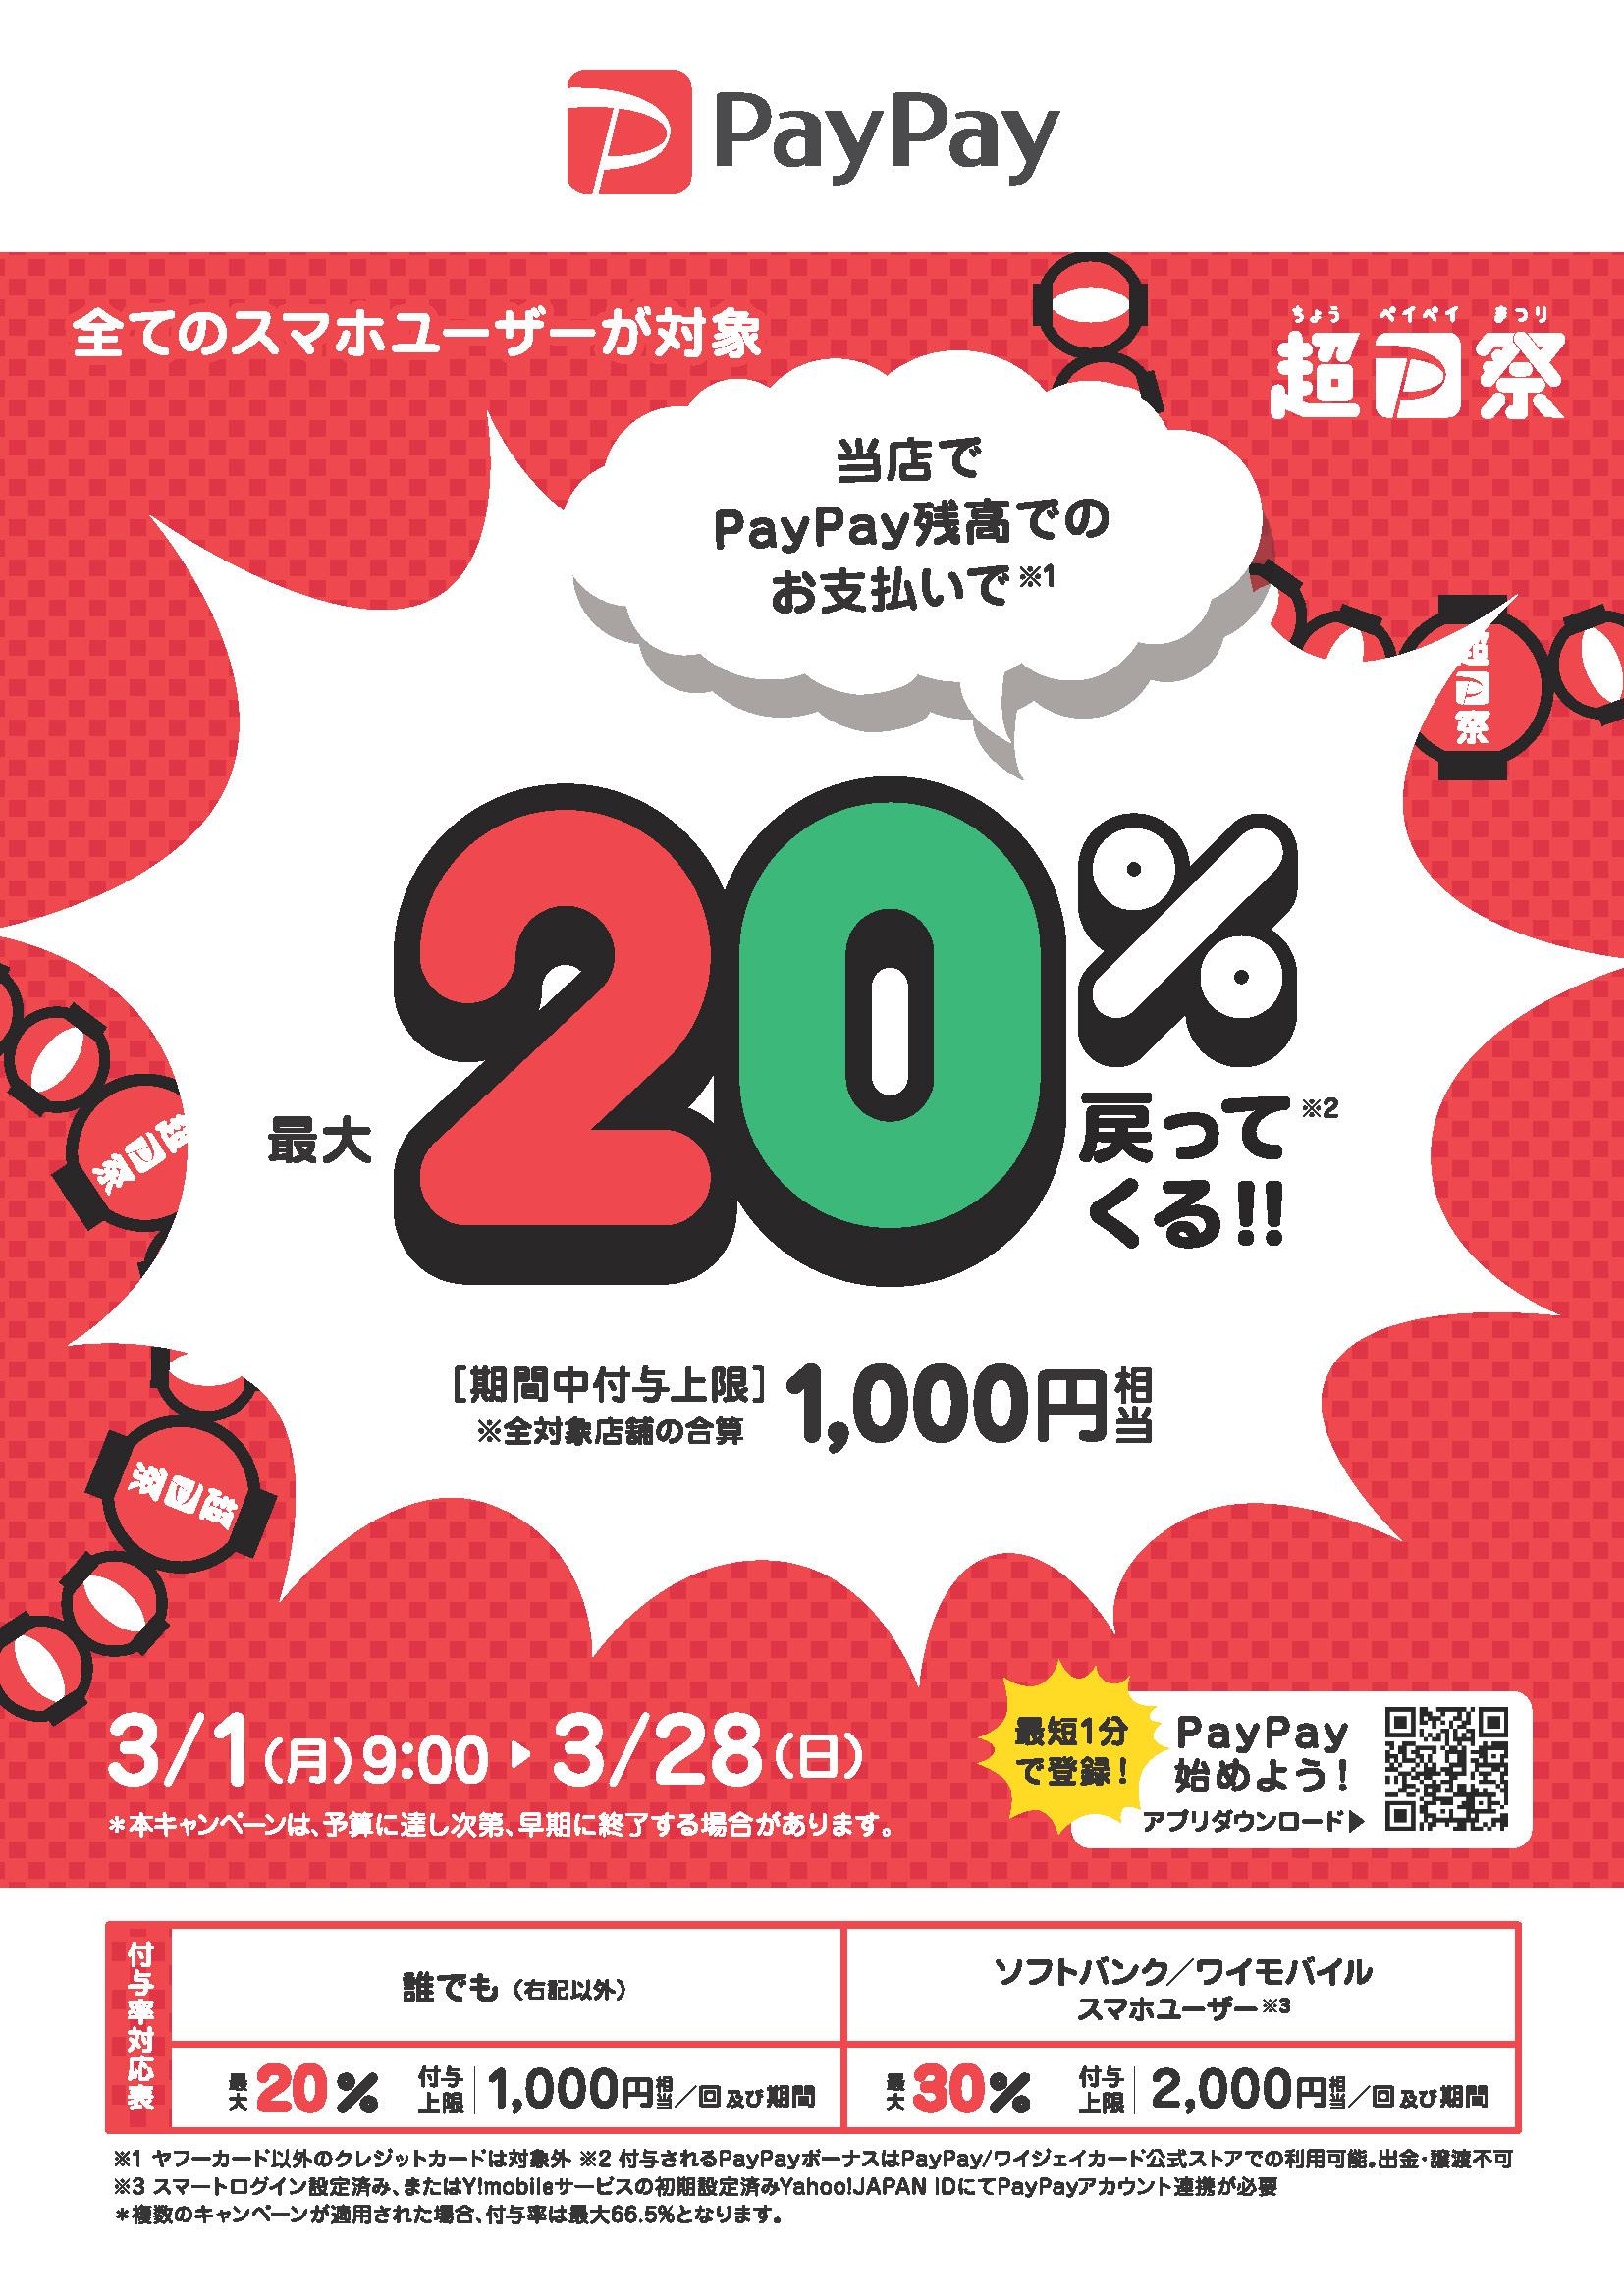 最大1,000円相当 20%戻ってくるキャンペーン